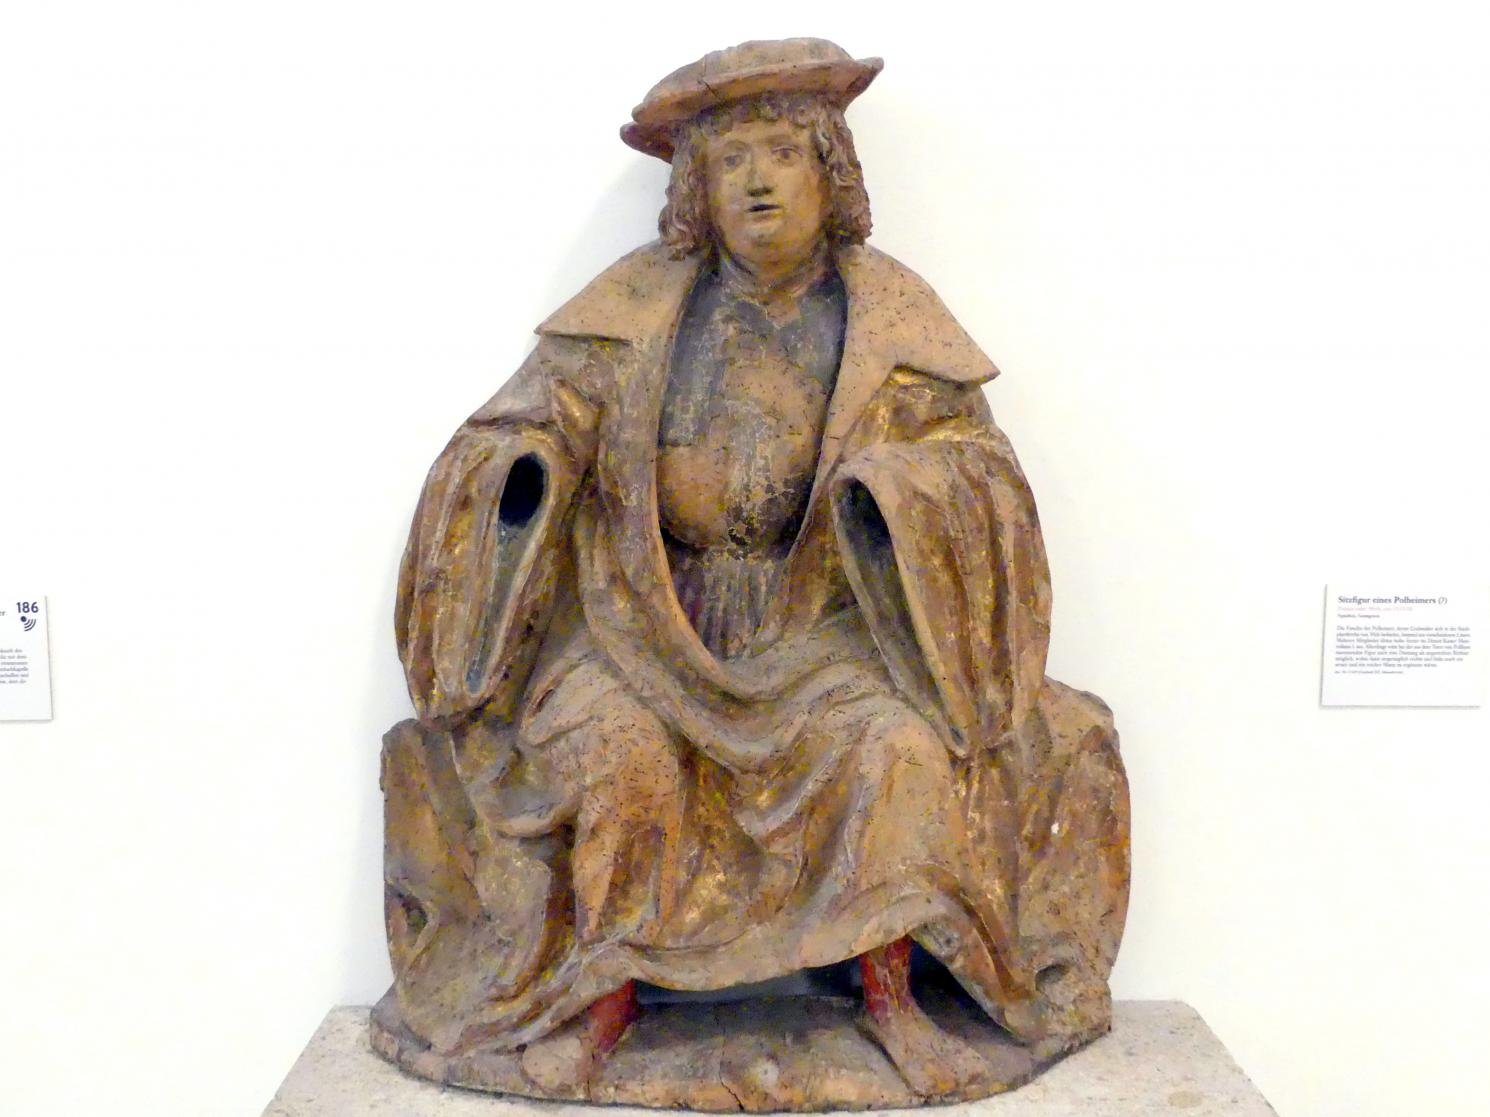 Sitzfigur eines Polheimers (?), um 1515 - 1520